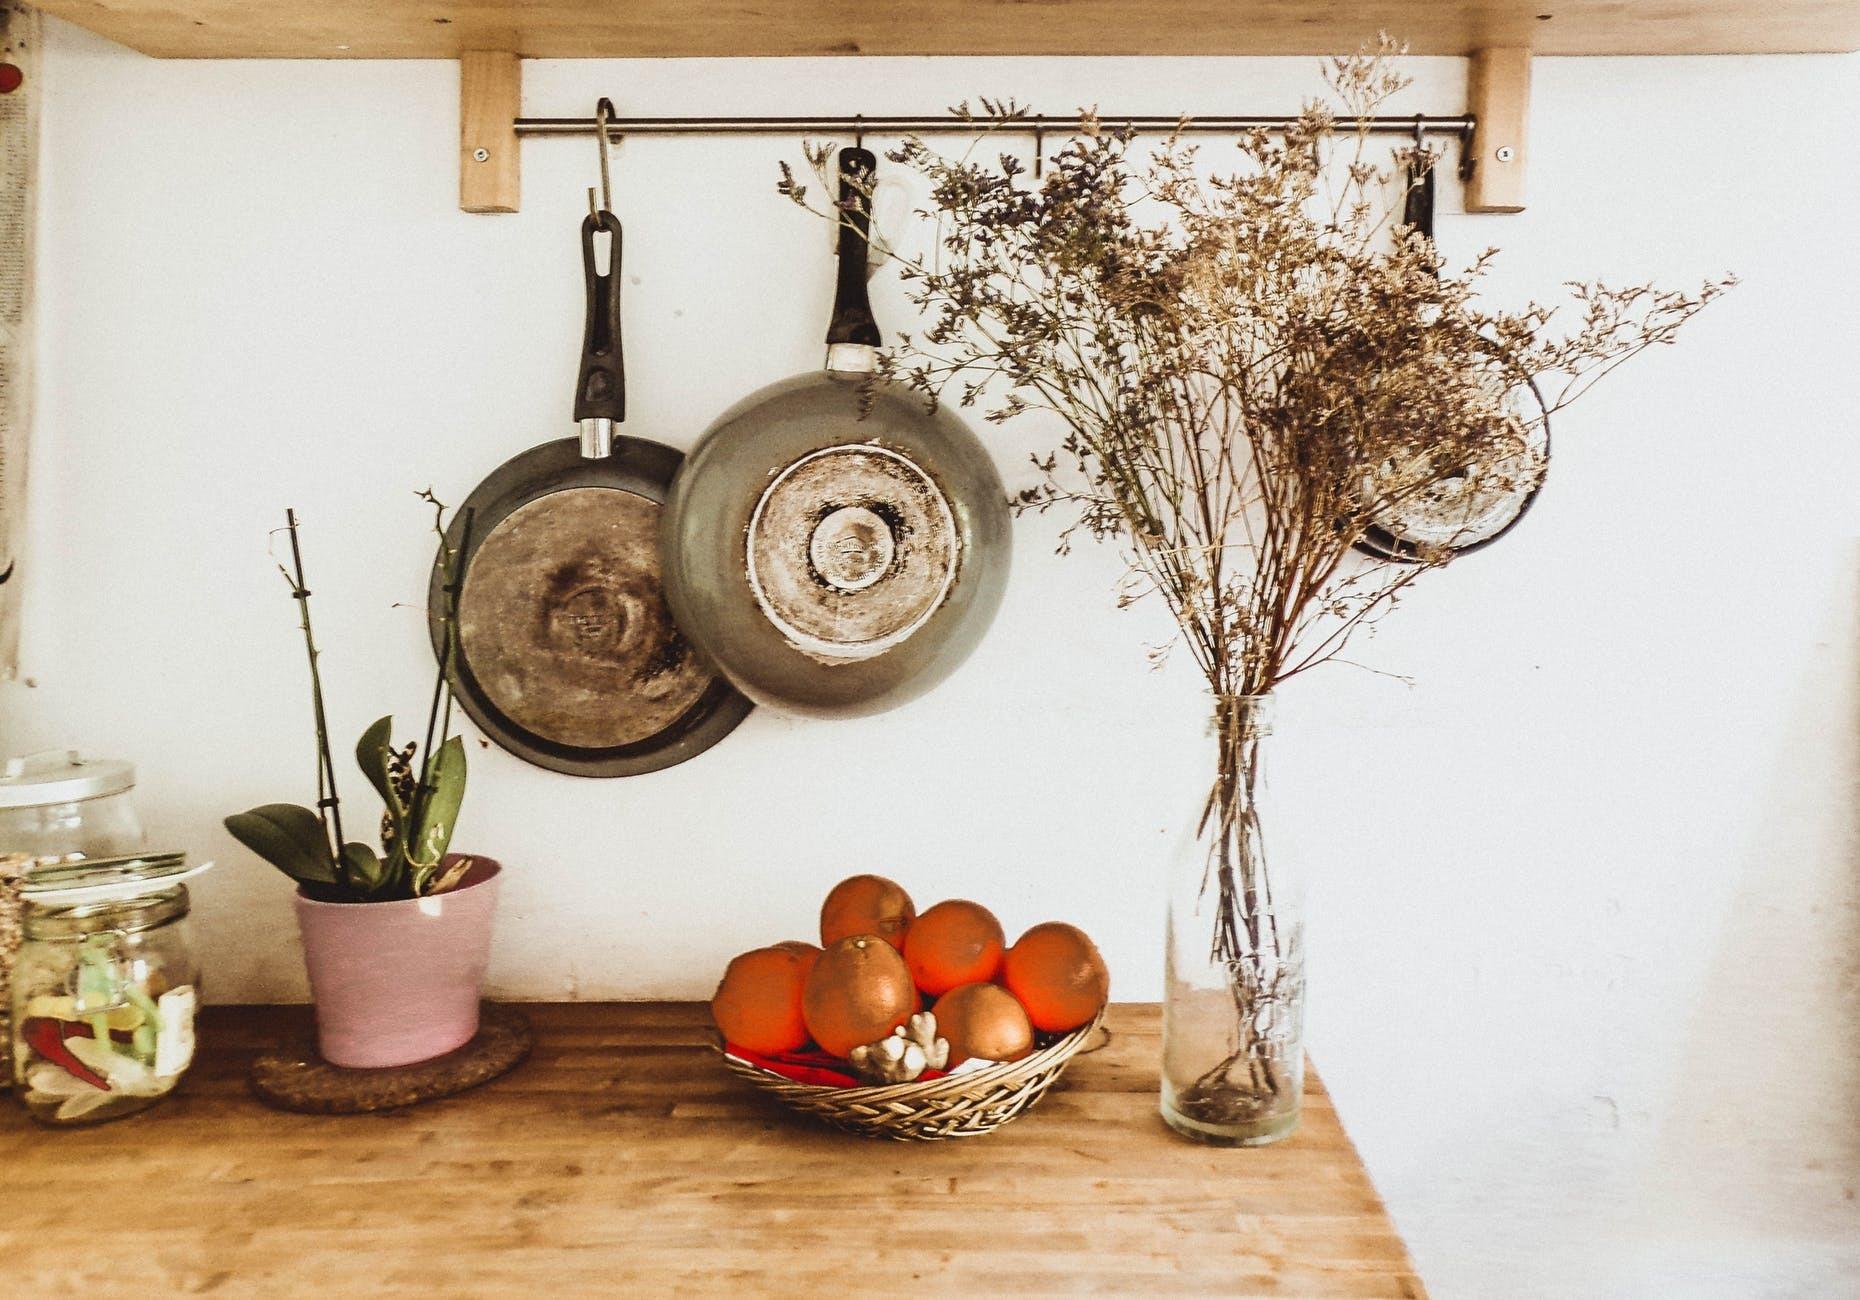 Full Size of Schnittschutzhandschuhe Küche Ohne Geräte Mülltonne Arbeitsplatte Einbauküche Kaufen Landhausküche Weiß Aufbewahrung Sockelblende Gardine Bodenbelag Küche Küche Ohne Hängeschränke